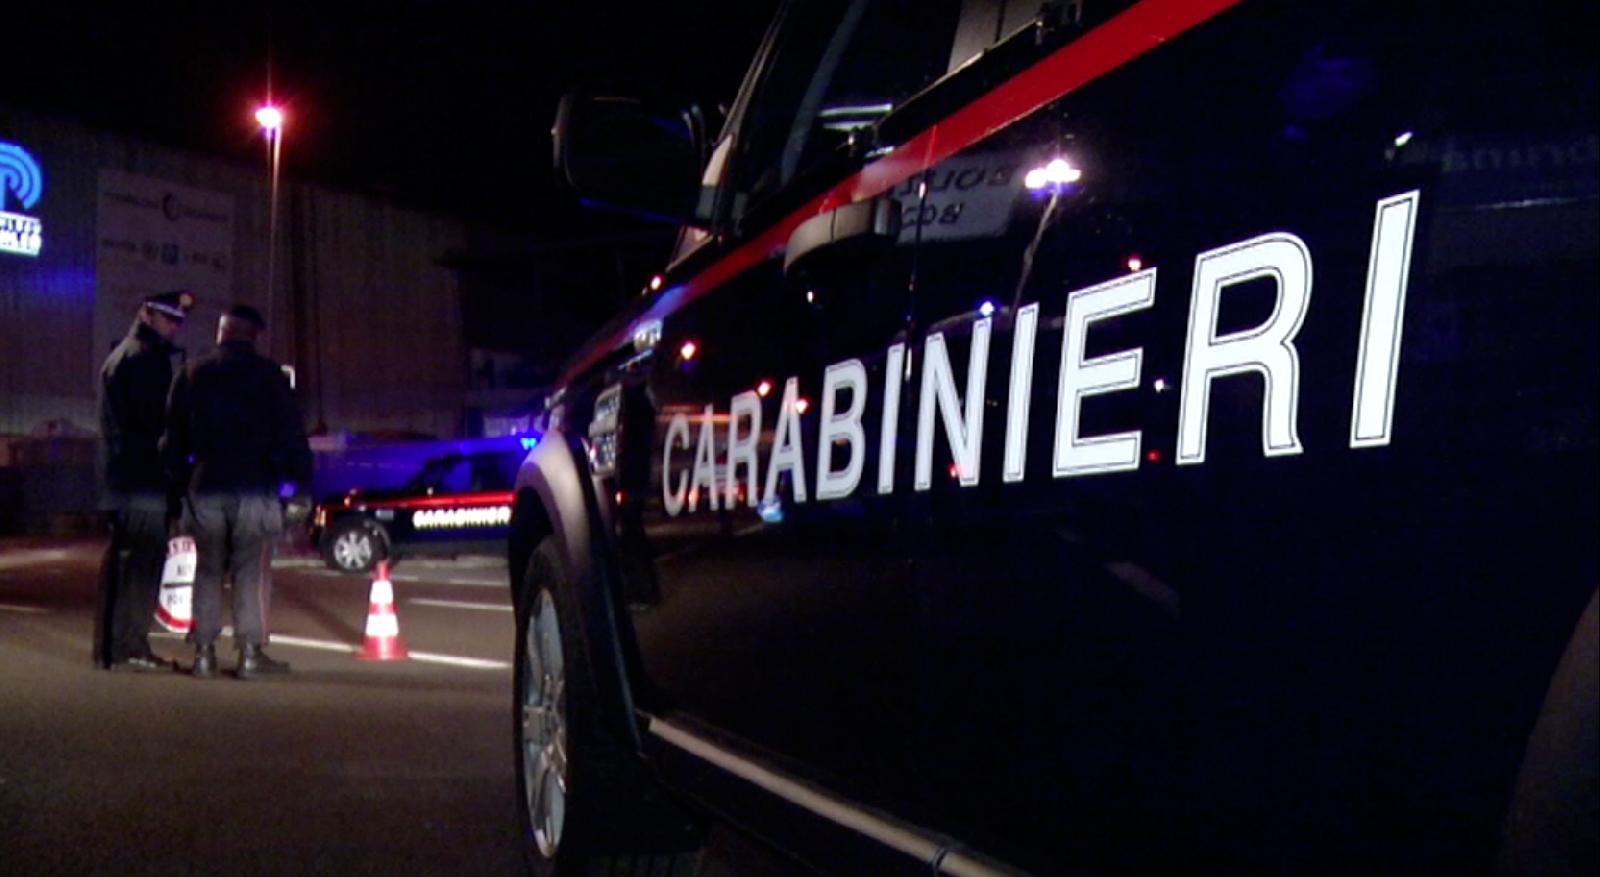 Ubriaco col trattore rubato in mezzo alla folla del concerto. Fermato da tre carabinieri fuori servizio